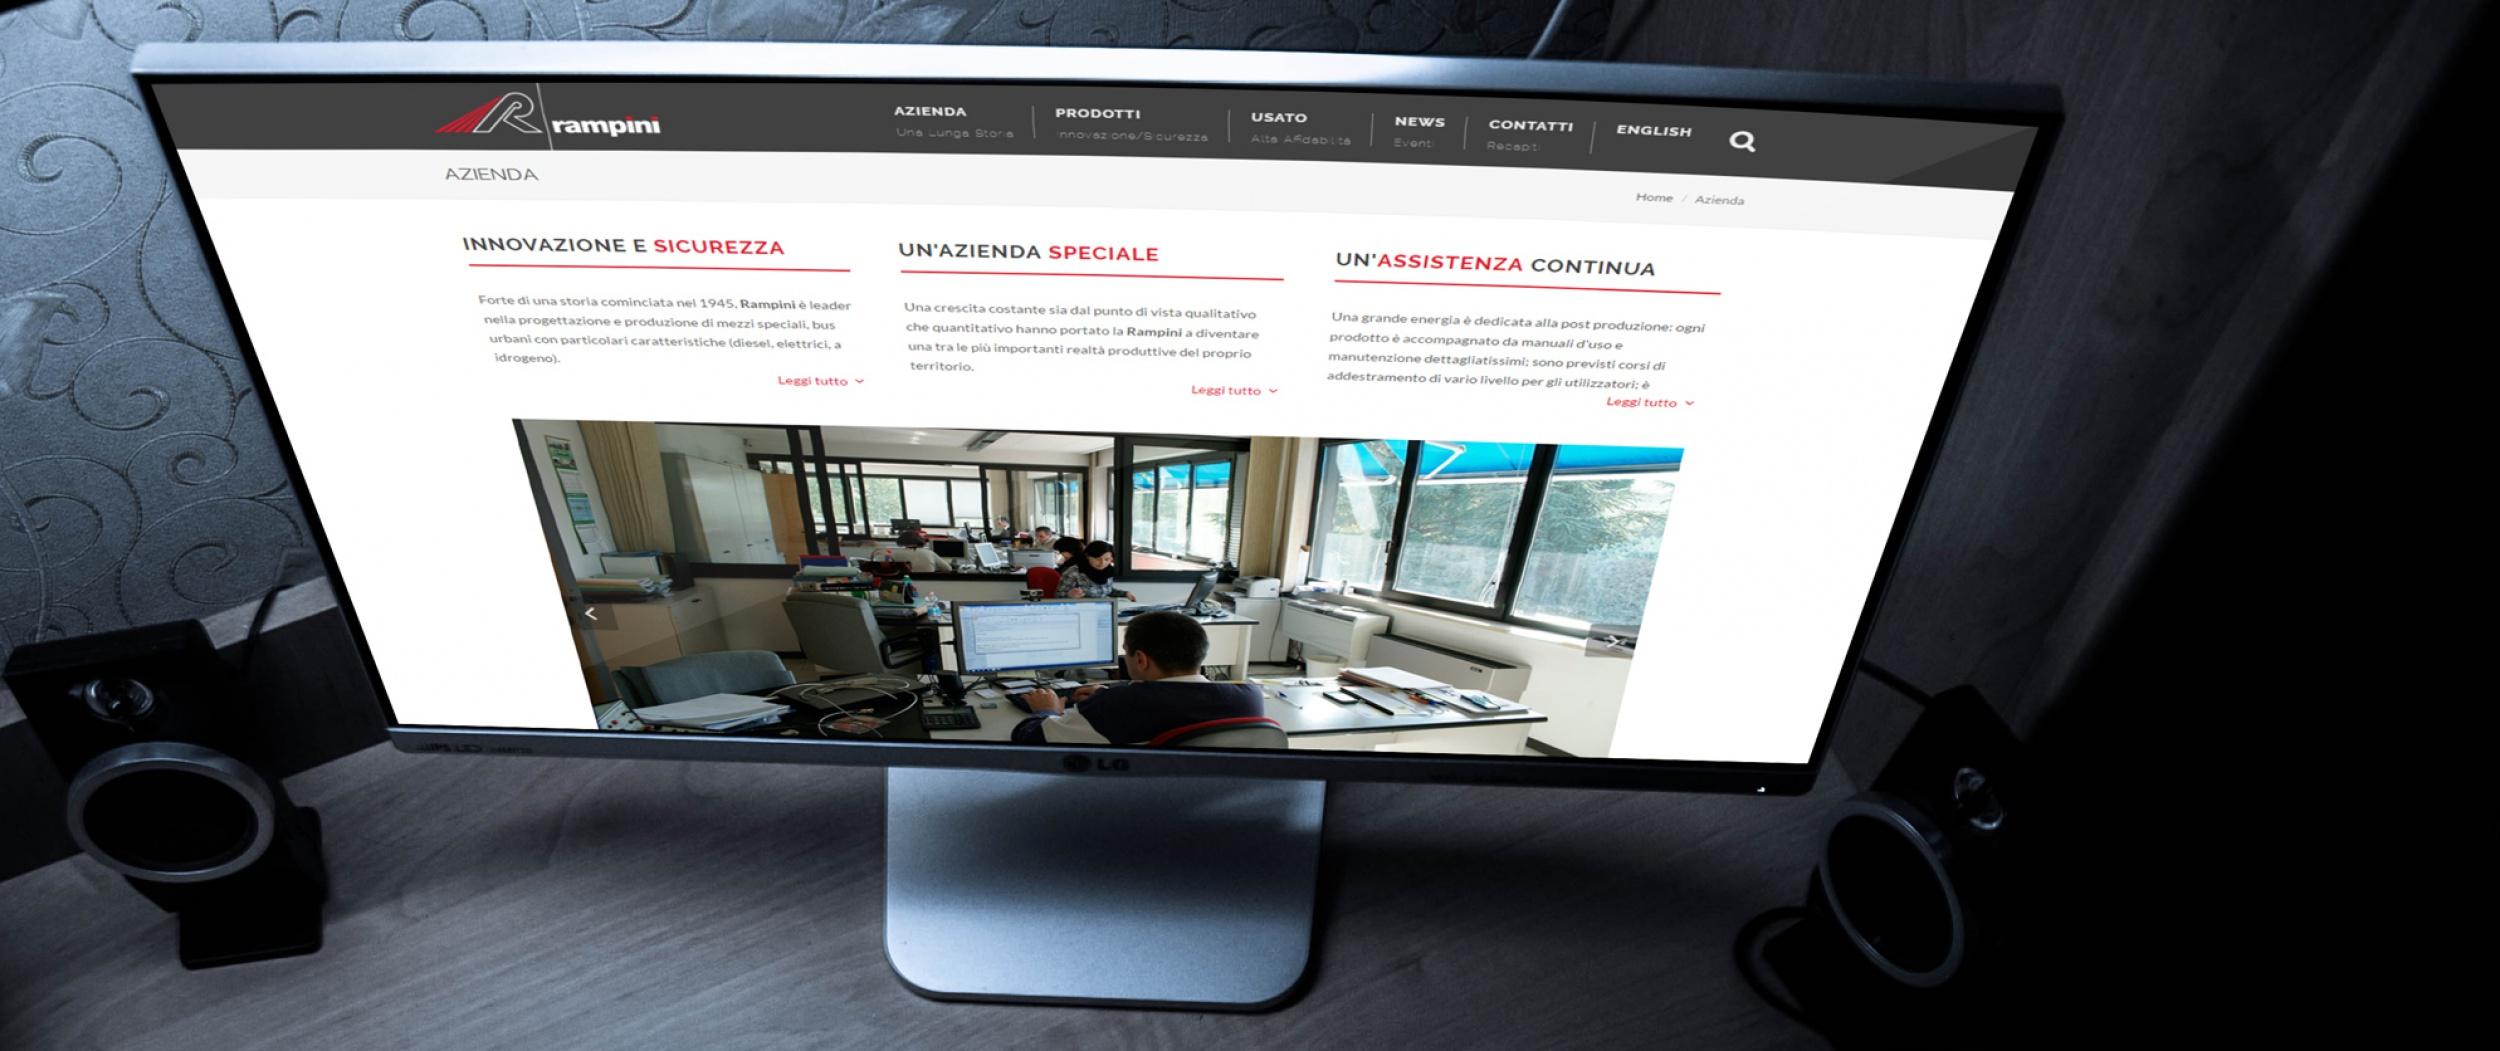 Siti web per industrie | Sesinet Perugia